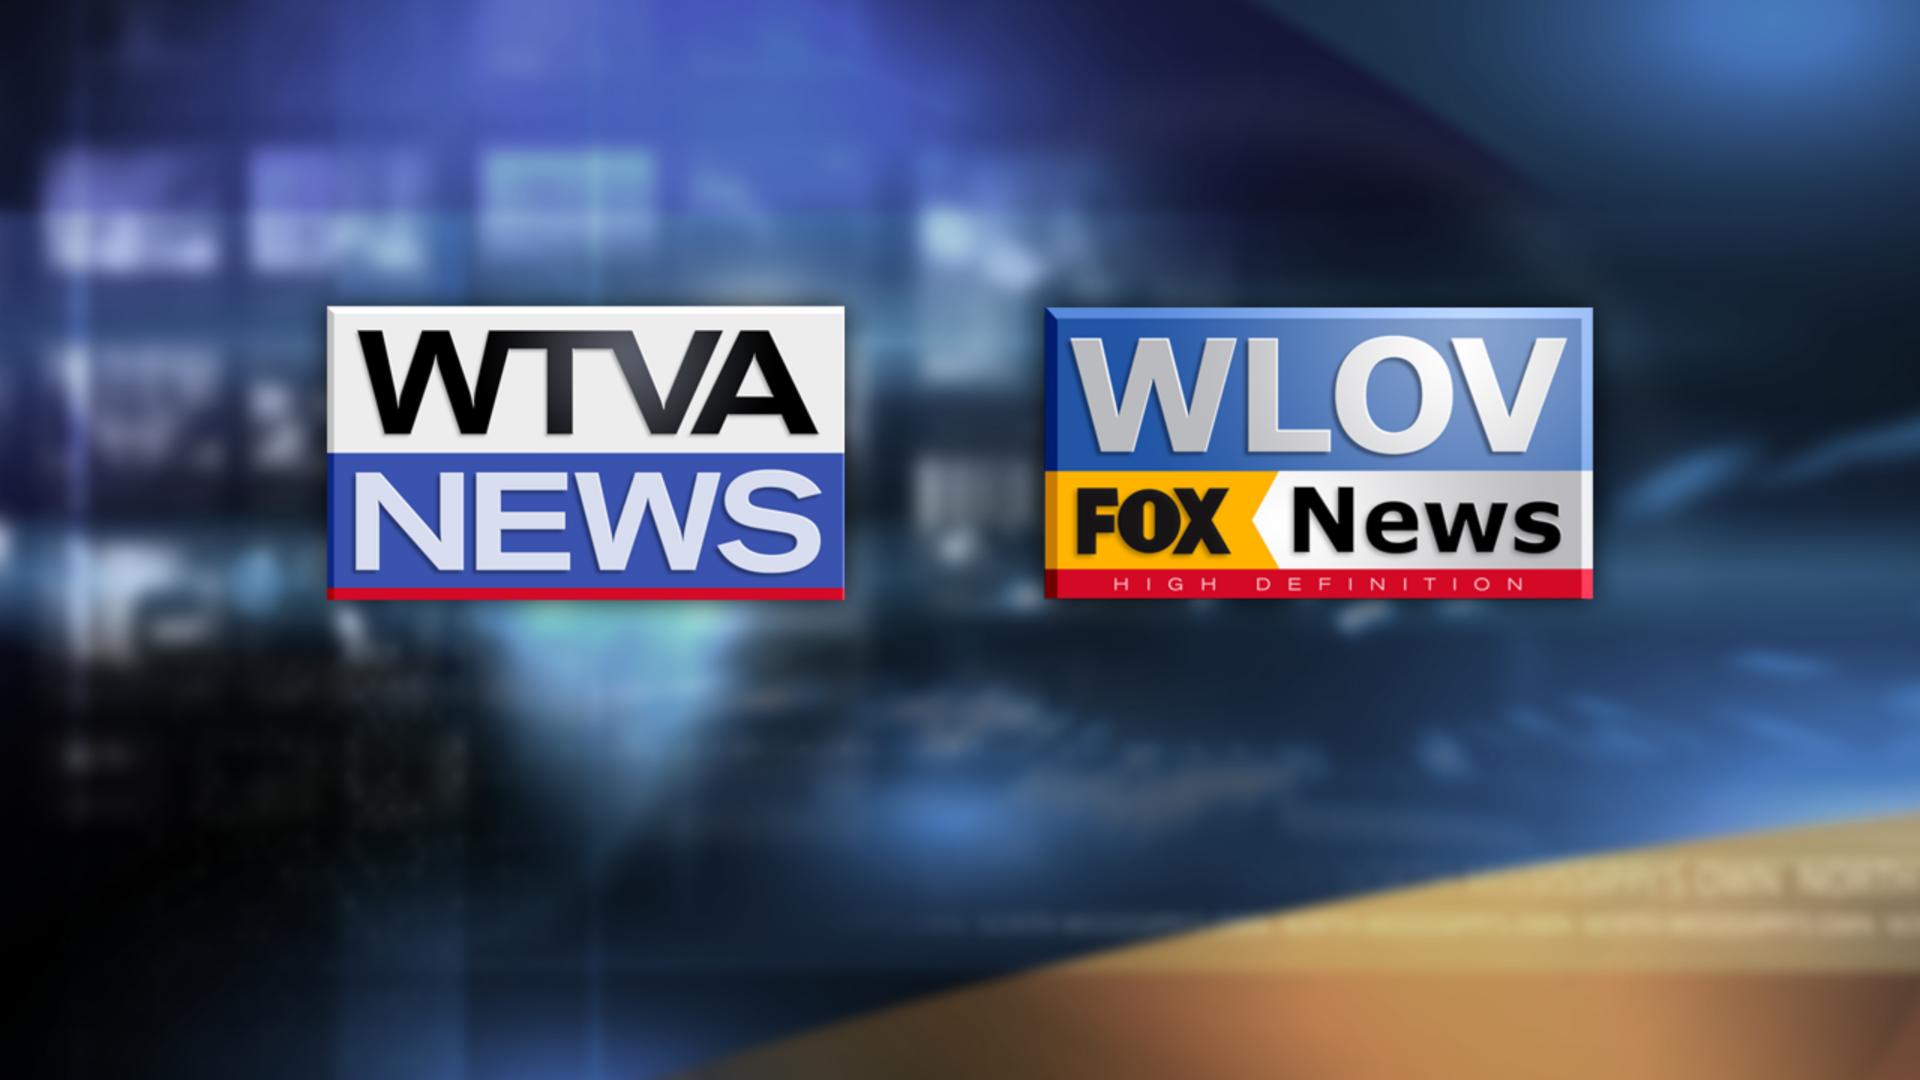 WTVA-WLOV News